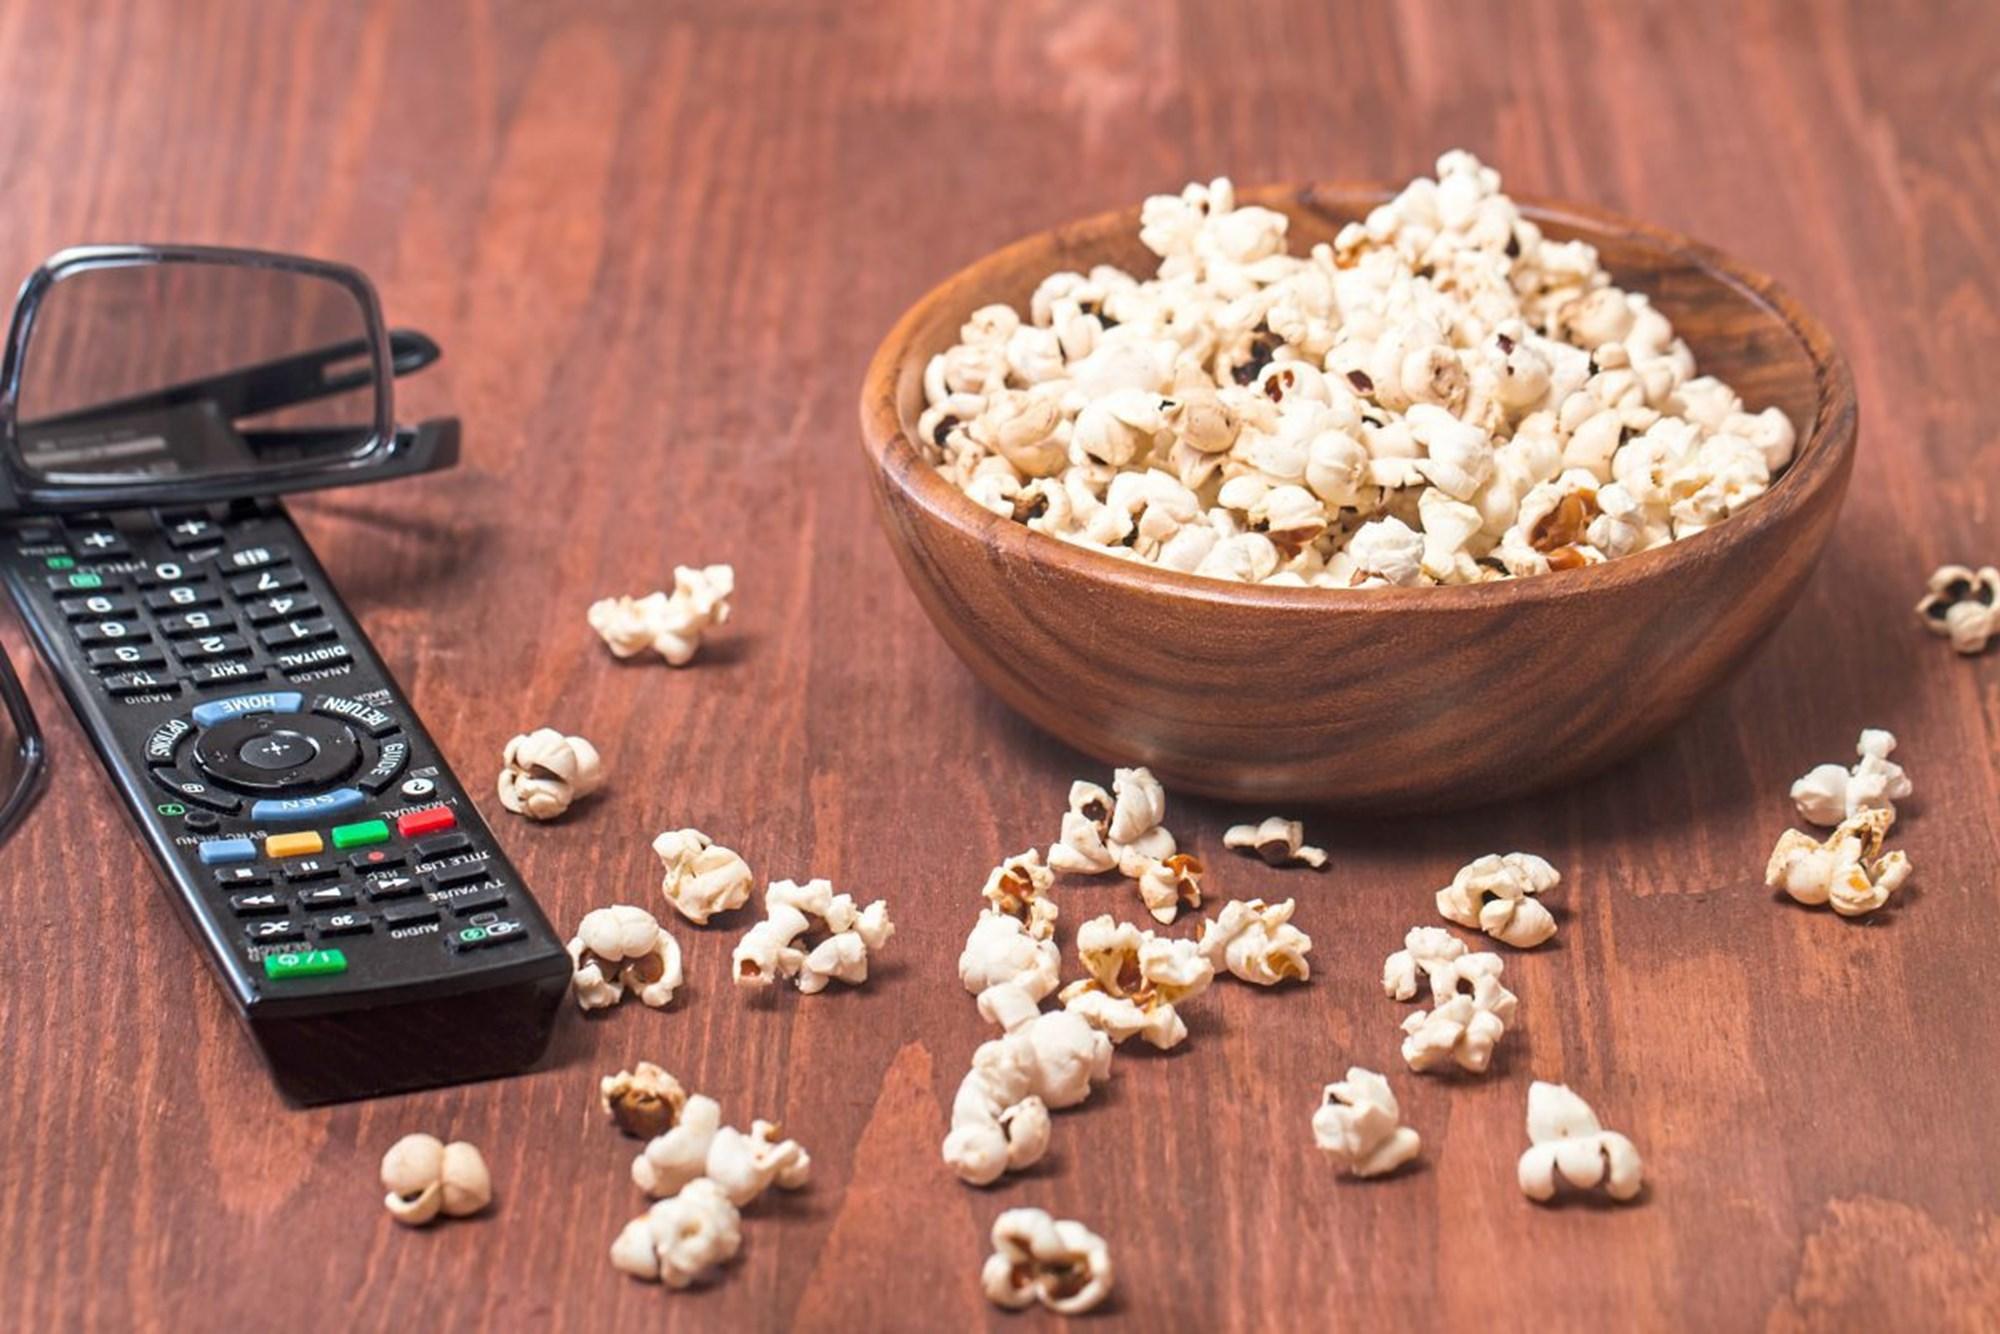 Macht Fernsehen dumm? – derStandard.at